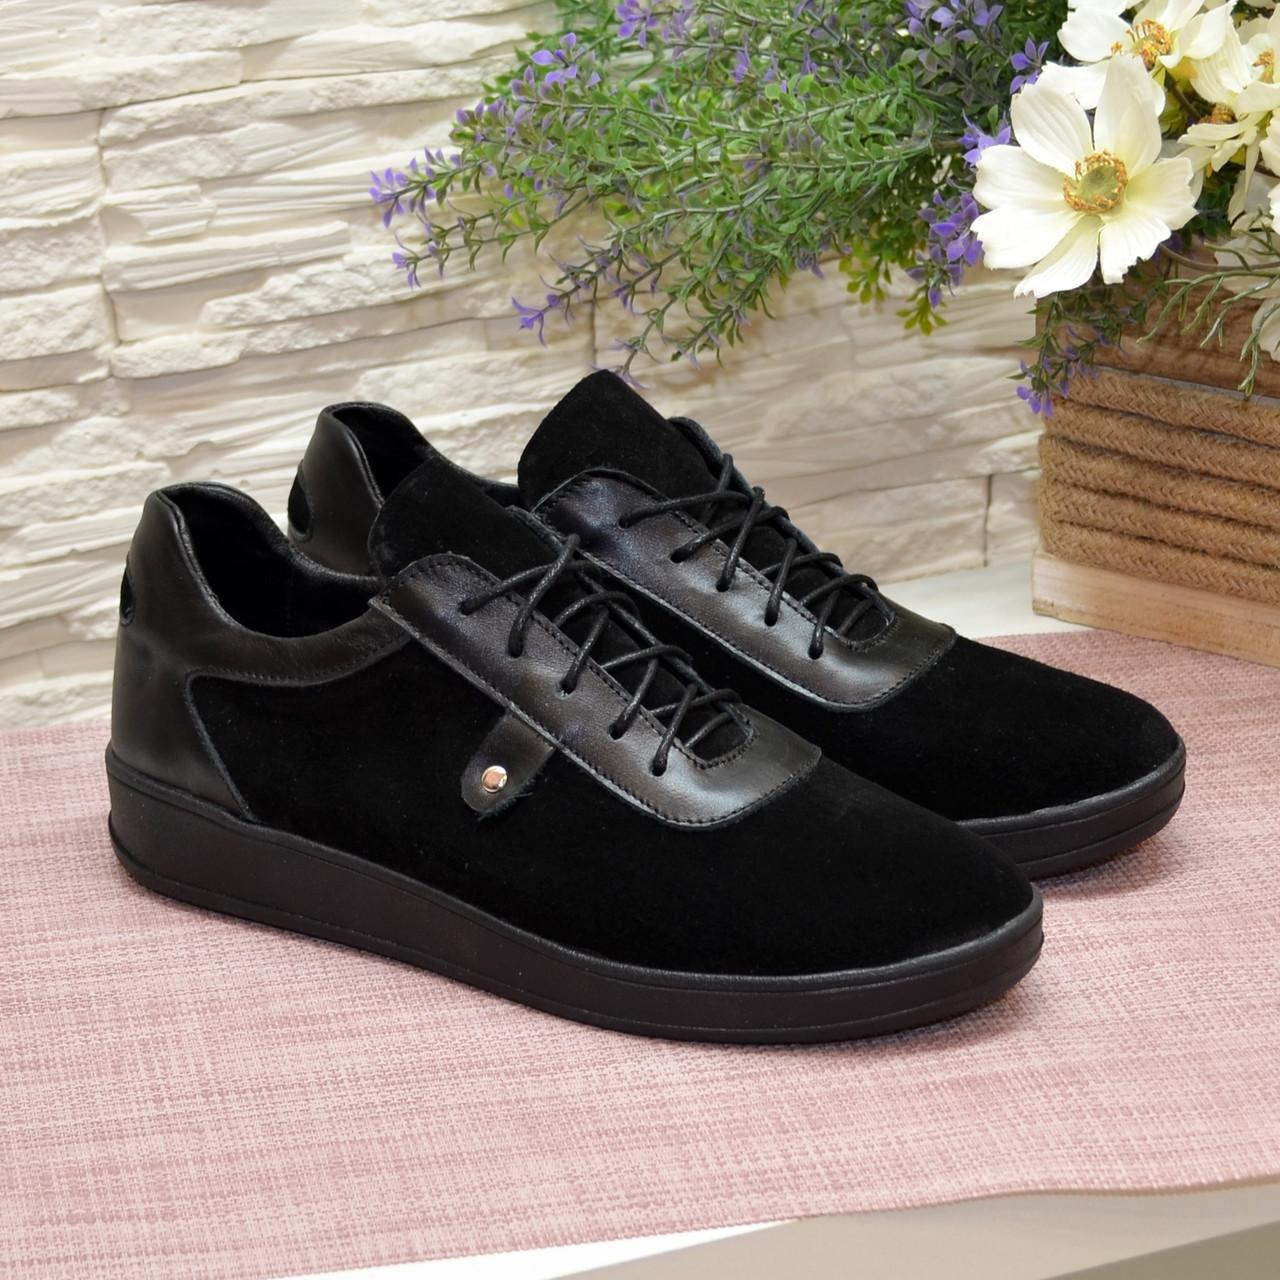 Кроссовки женские комбинированные на утолщенной подошве, цвет черный